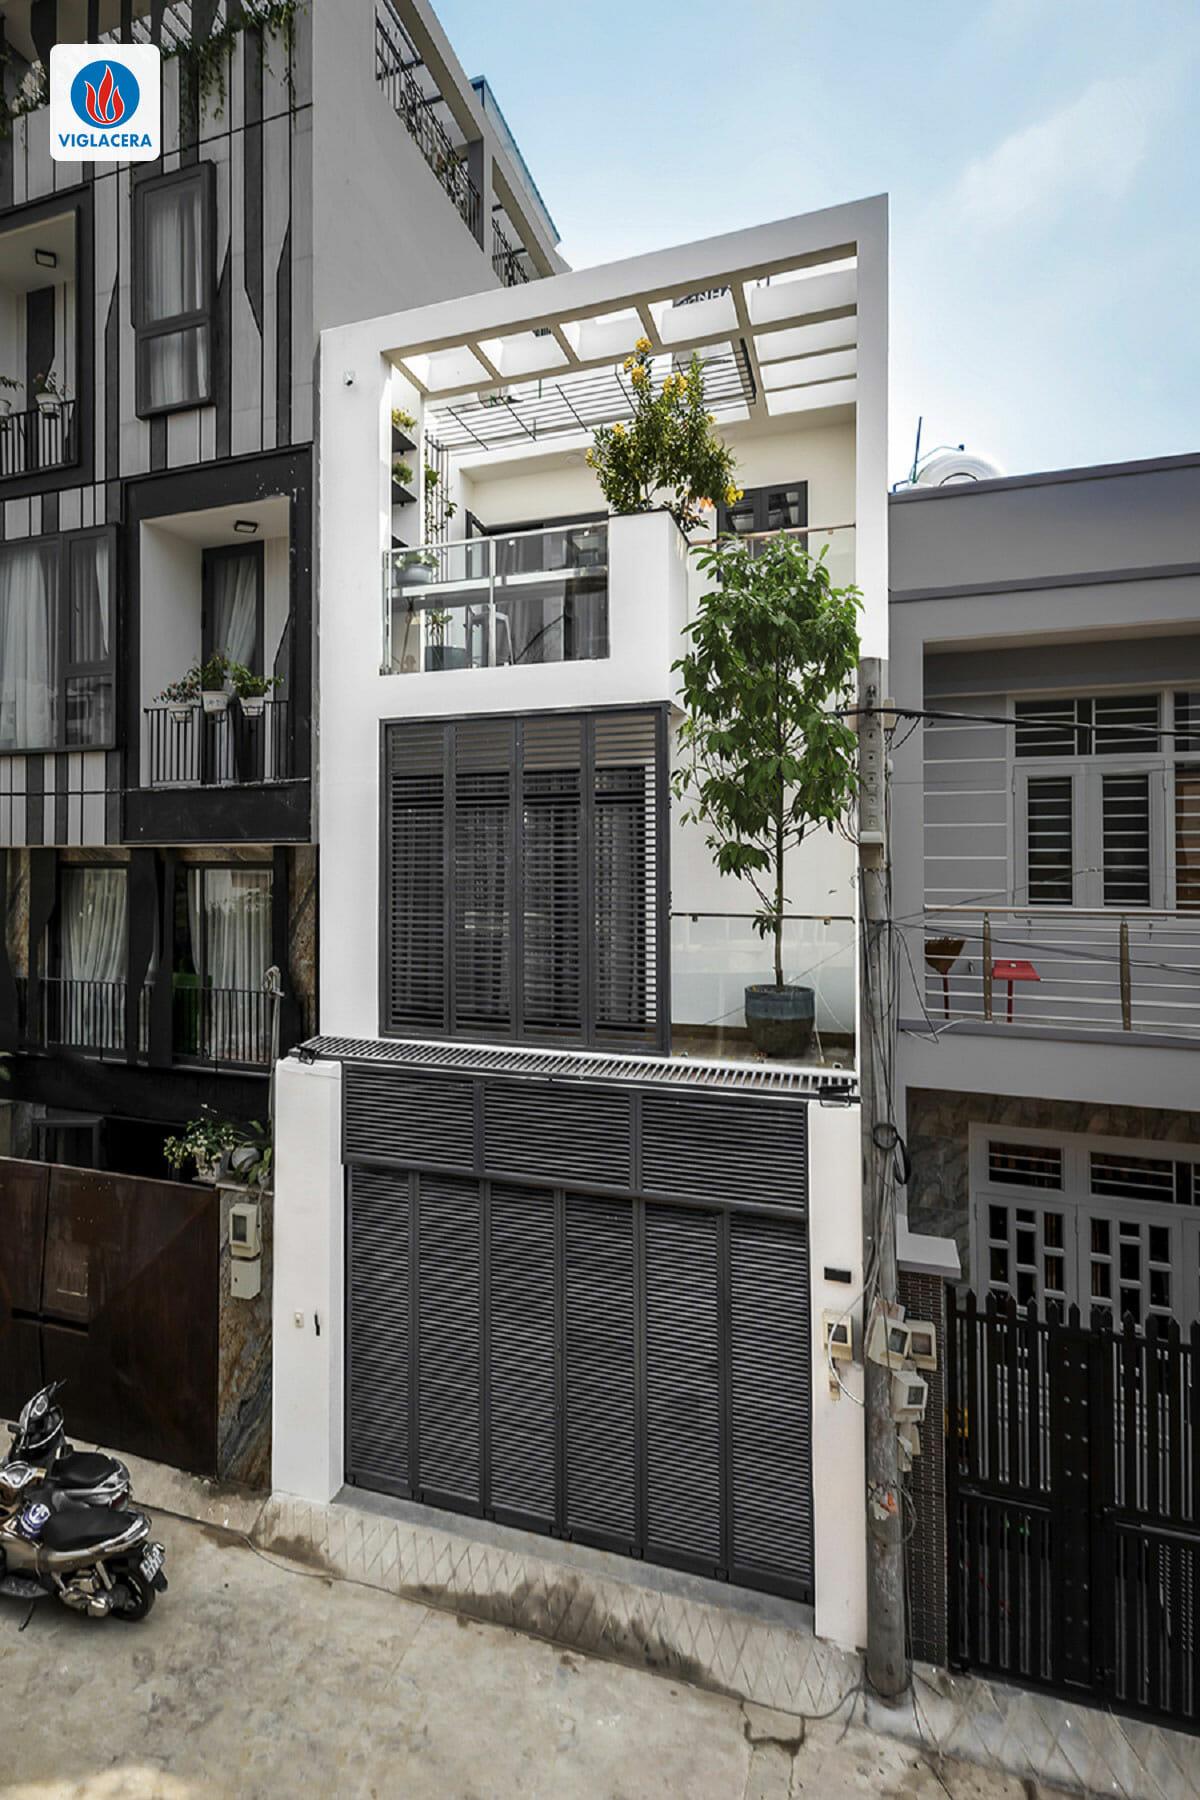 Mặt tiền nhà Mai Hương mang dáng dấp hiện đại của các nhà phố